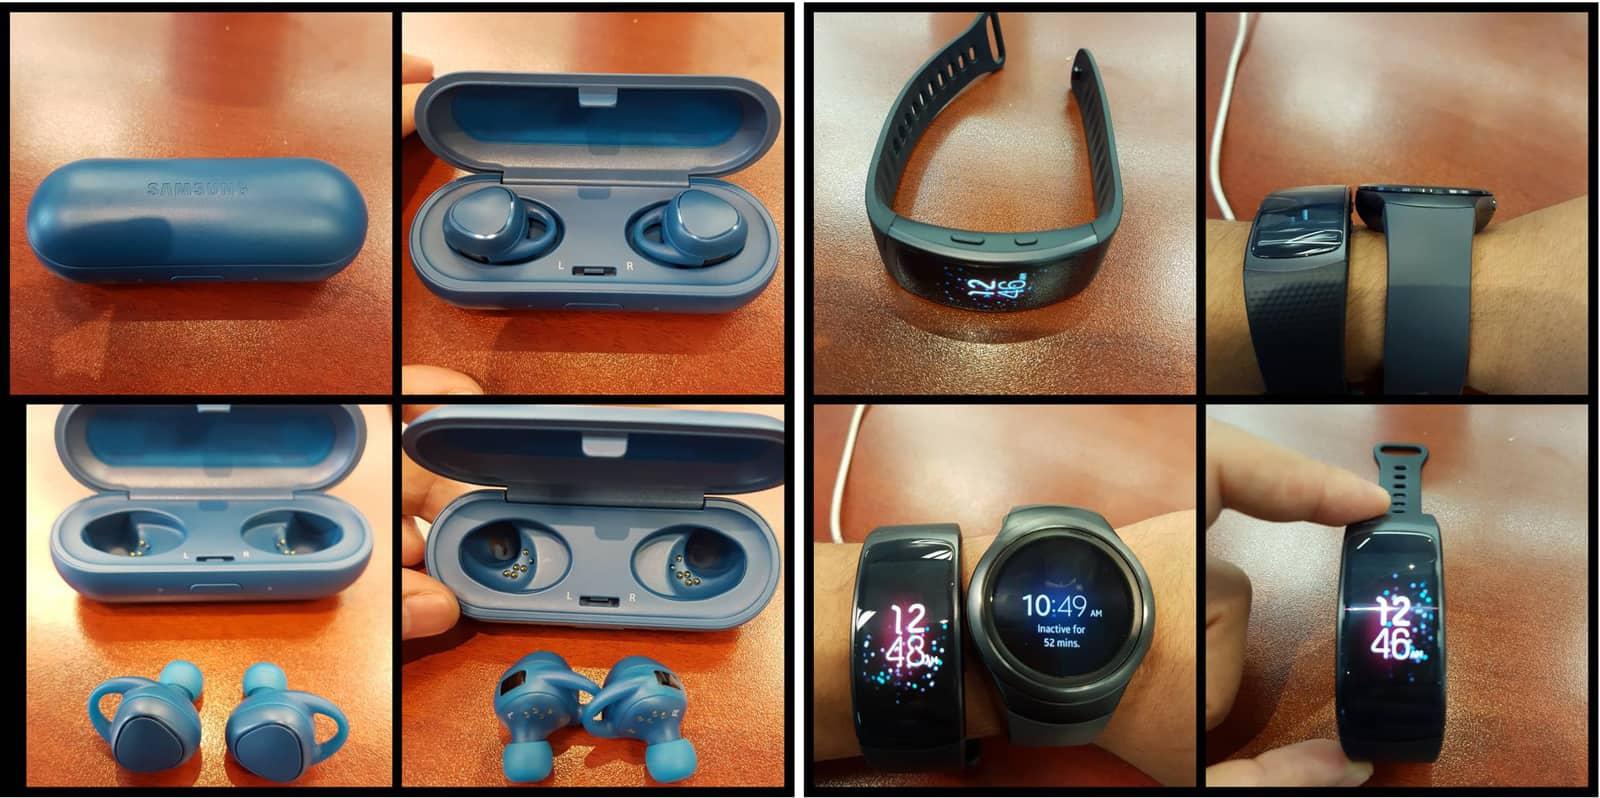 Samsung Gear Fit 2 Duikt Op Samen Met Gear Iconx Galaxy